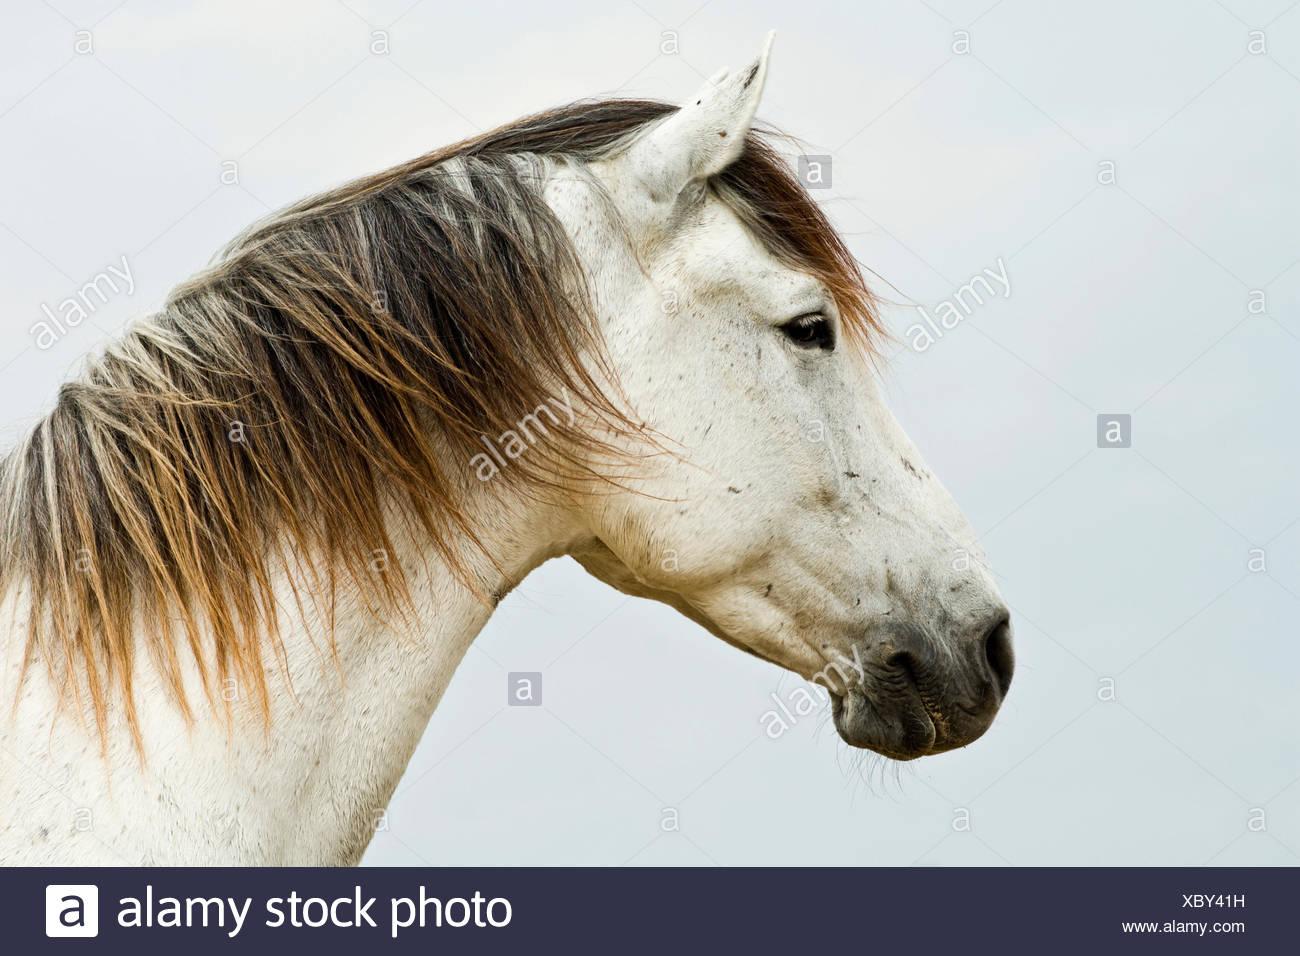 Caballo lusitano, castrado, white horse, Andalucía, España Imagen De Stock